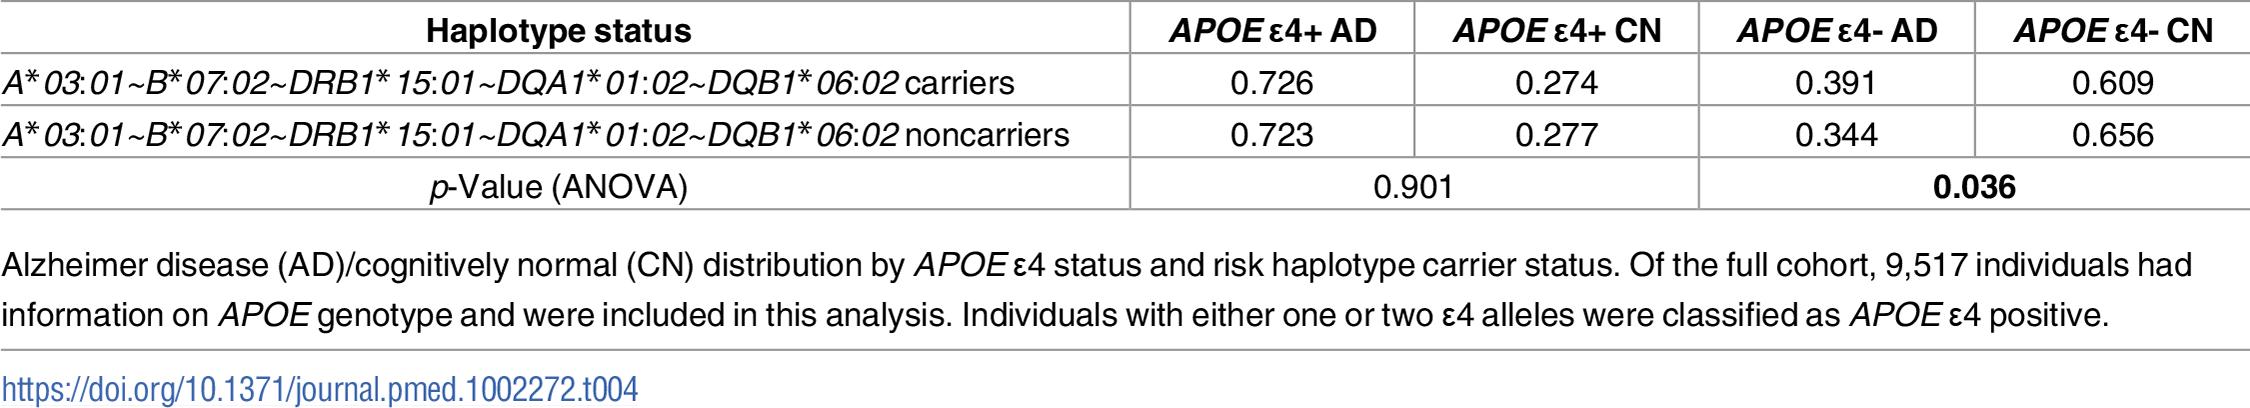 AD/CN distribution by <i>APOE</i> ɛ4 and <i>A*03</i>:<i>01~B*07</i>:<i>02~DRB1*15</i>:<i>01~DQA1*01</i>:<i>02~DQB1*06</i>:<i>02</i> haplotype carrier status.